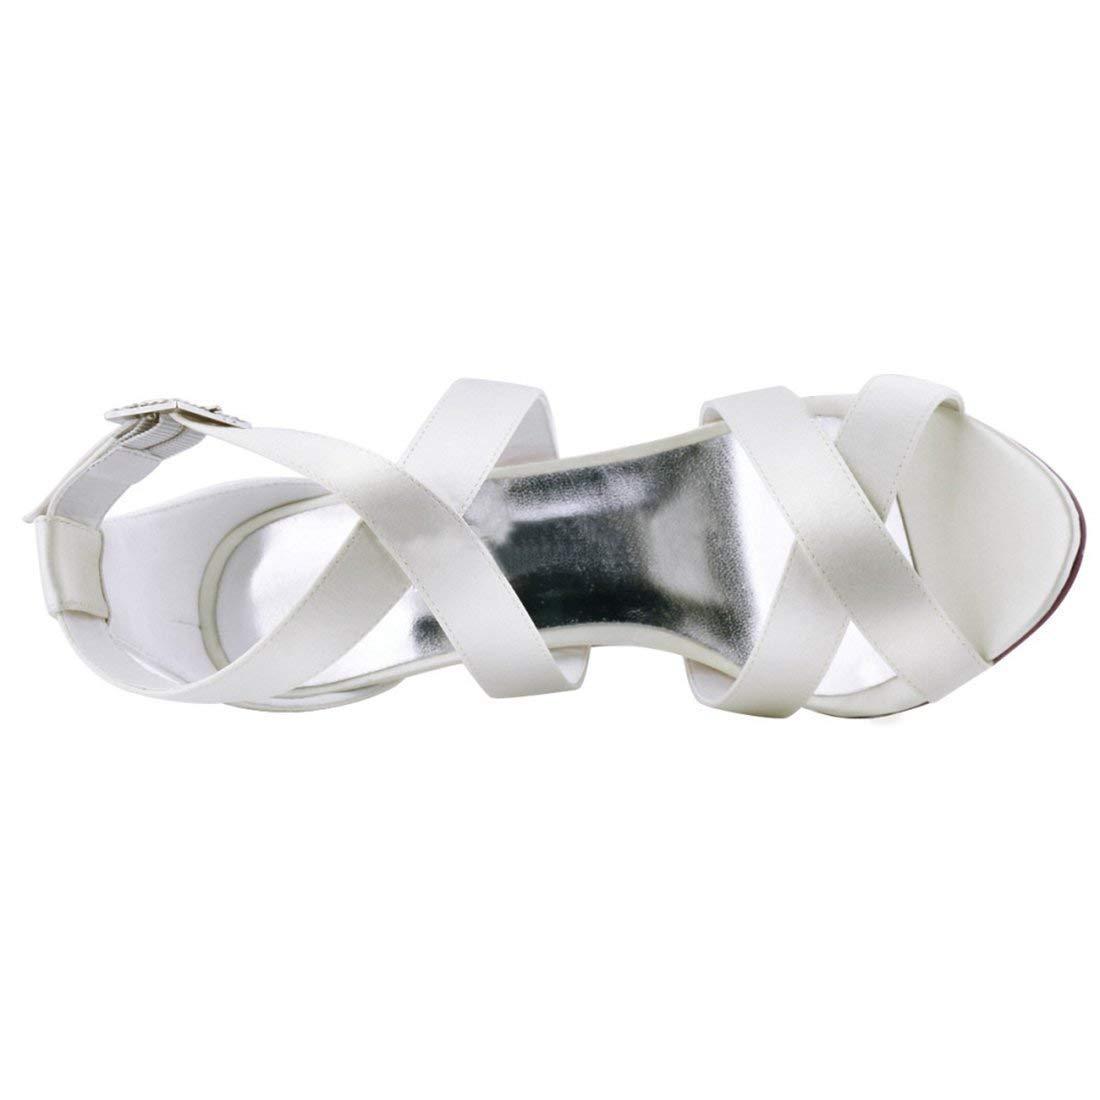 ZHRUI ZHRUI ZHRUI Damen Schnalle Ankle Wrap Weiß Satin Trendy Hochzeitskleid Sandalen UK 7.5 (Farbe   -, Größe   -) b8a065